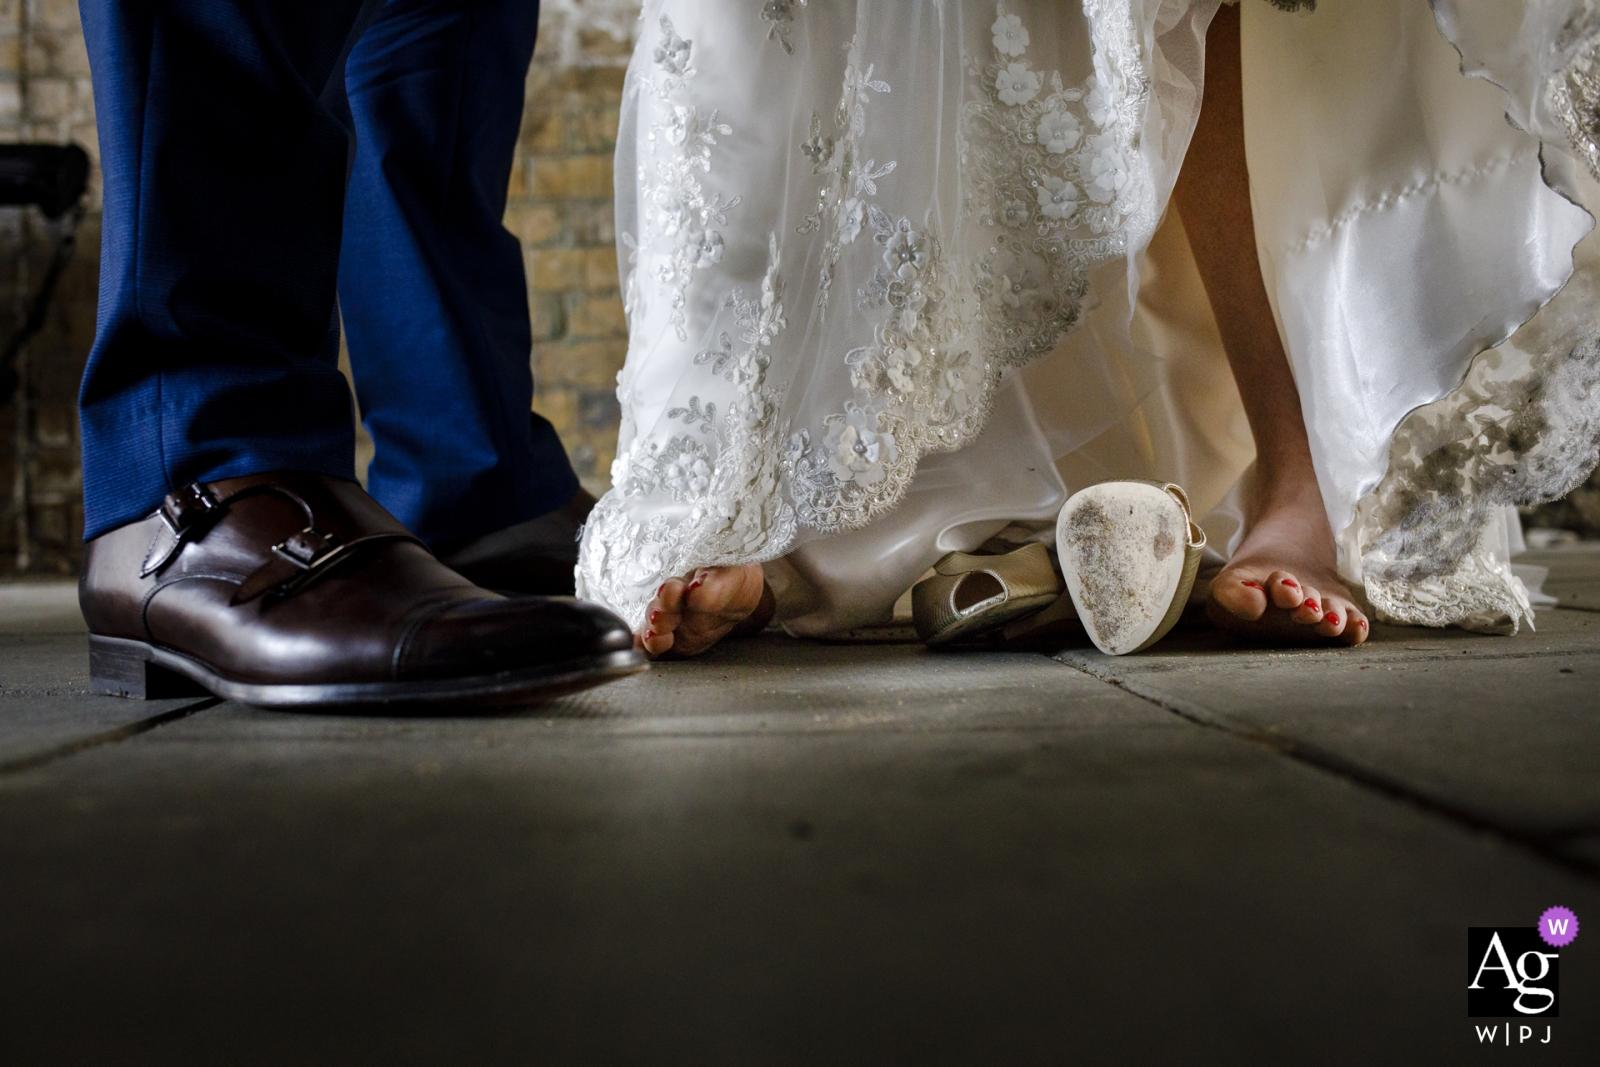 Ufuk Sarisen ist ein künstlerischer Hochzeitsfotograf für Istanbul